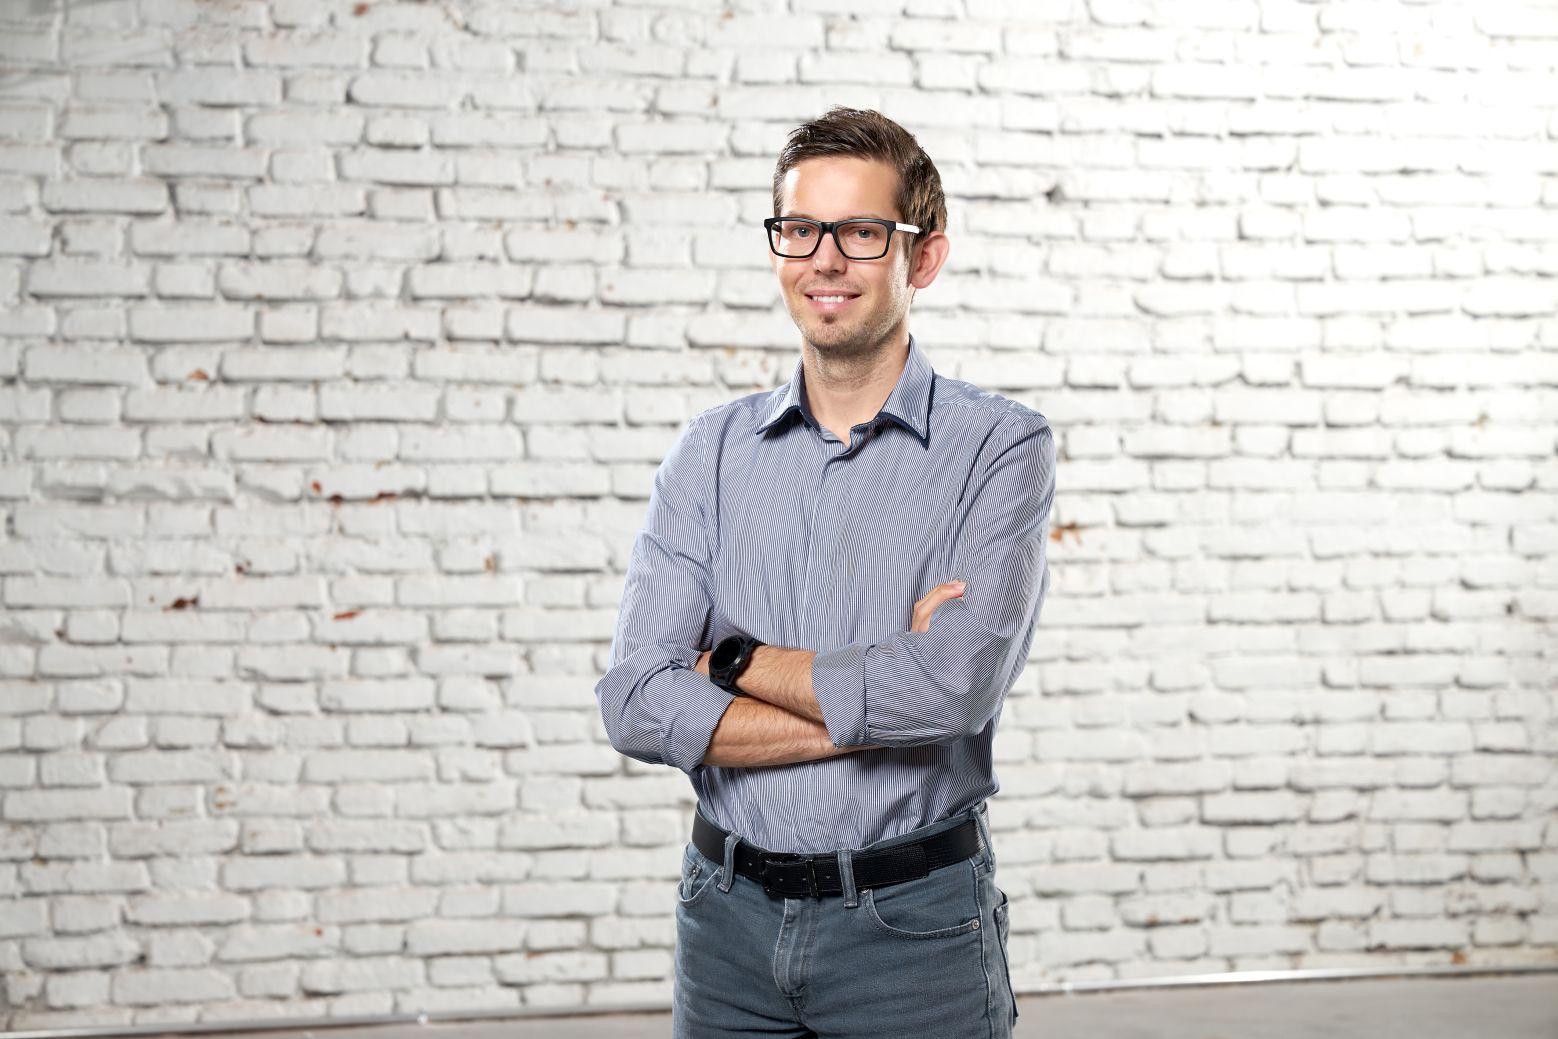 Thomas Roithmeier ist CEO und Co-Founder von Insite IT